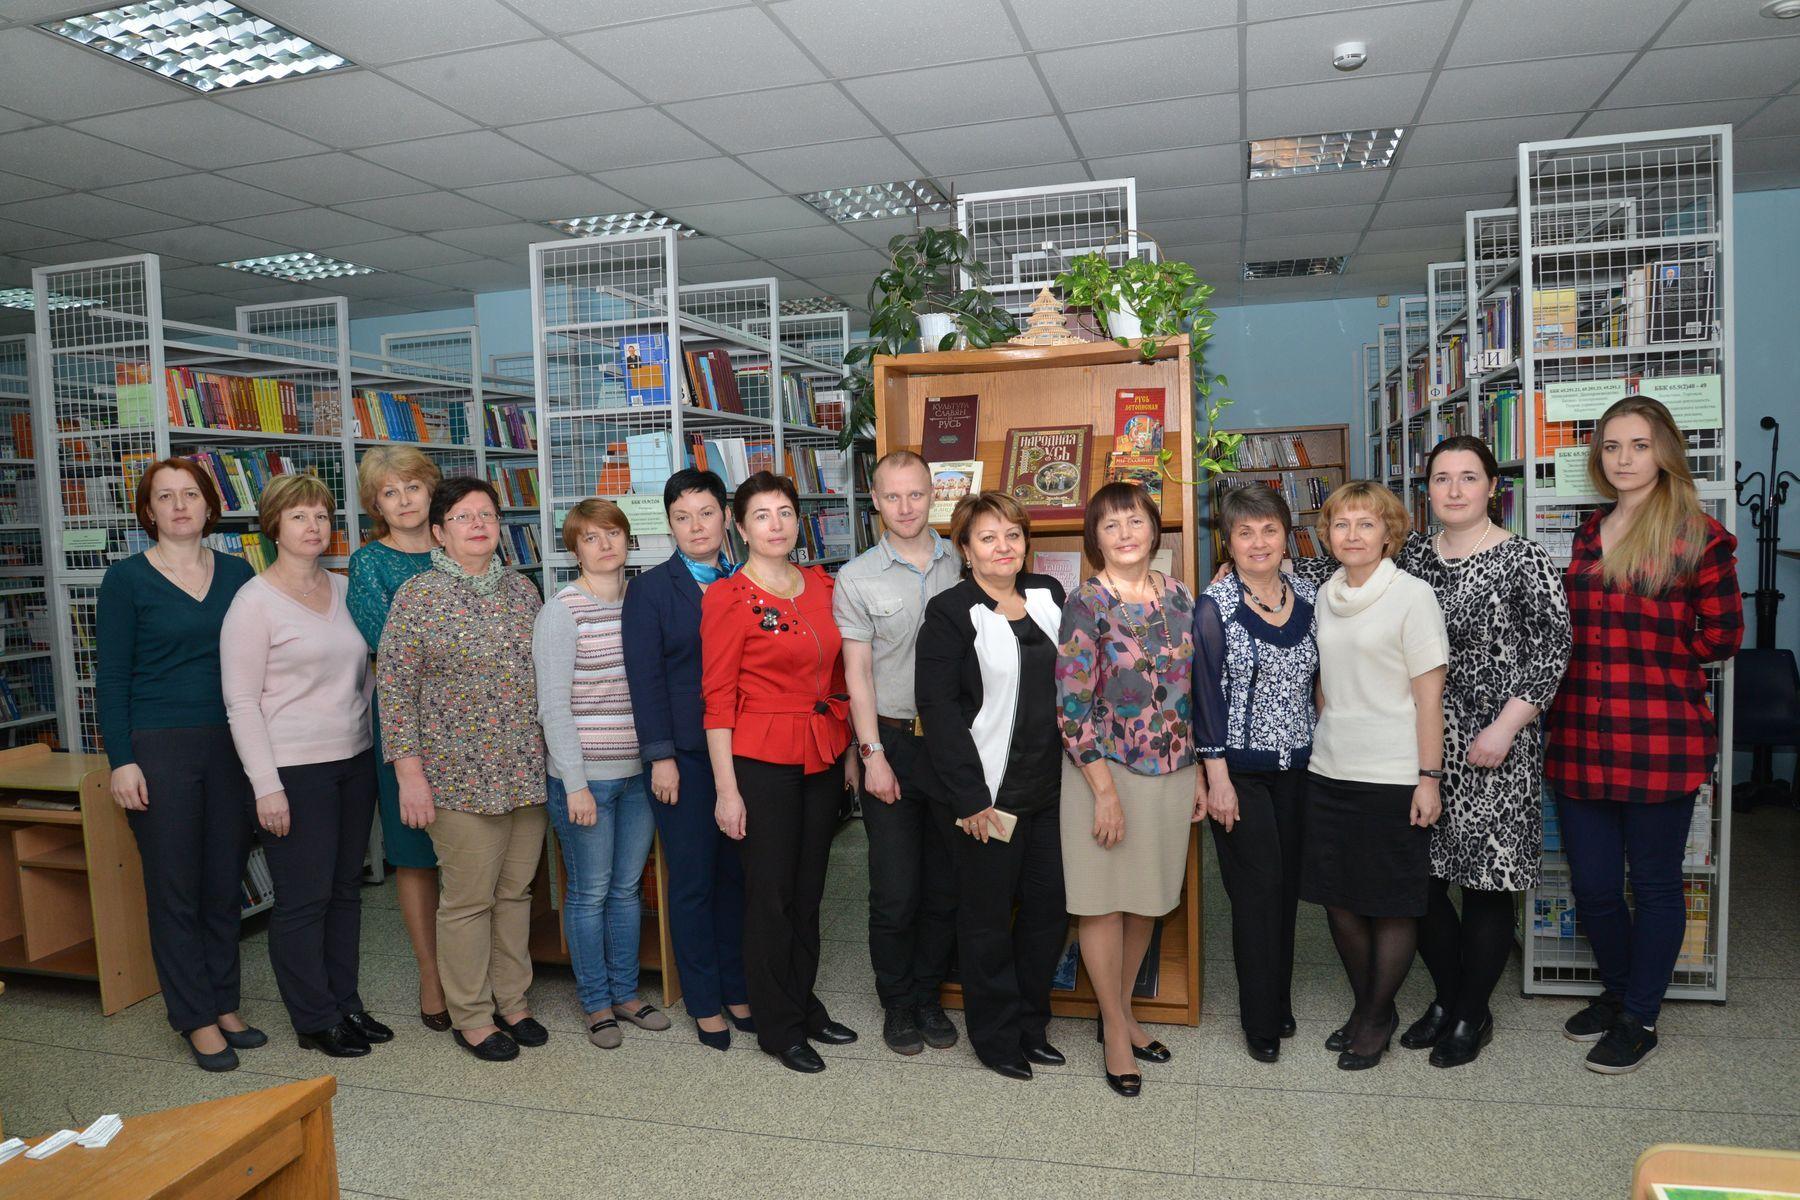 Библиотека ВГУЭС: история и перспективы